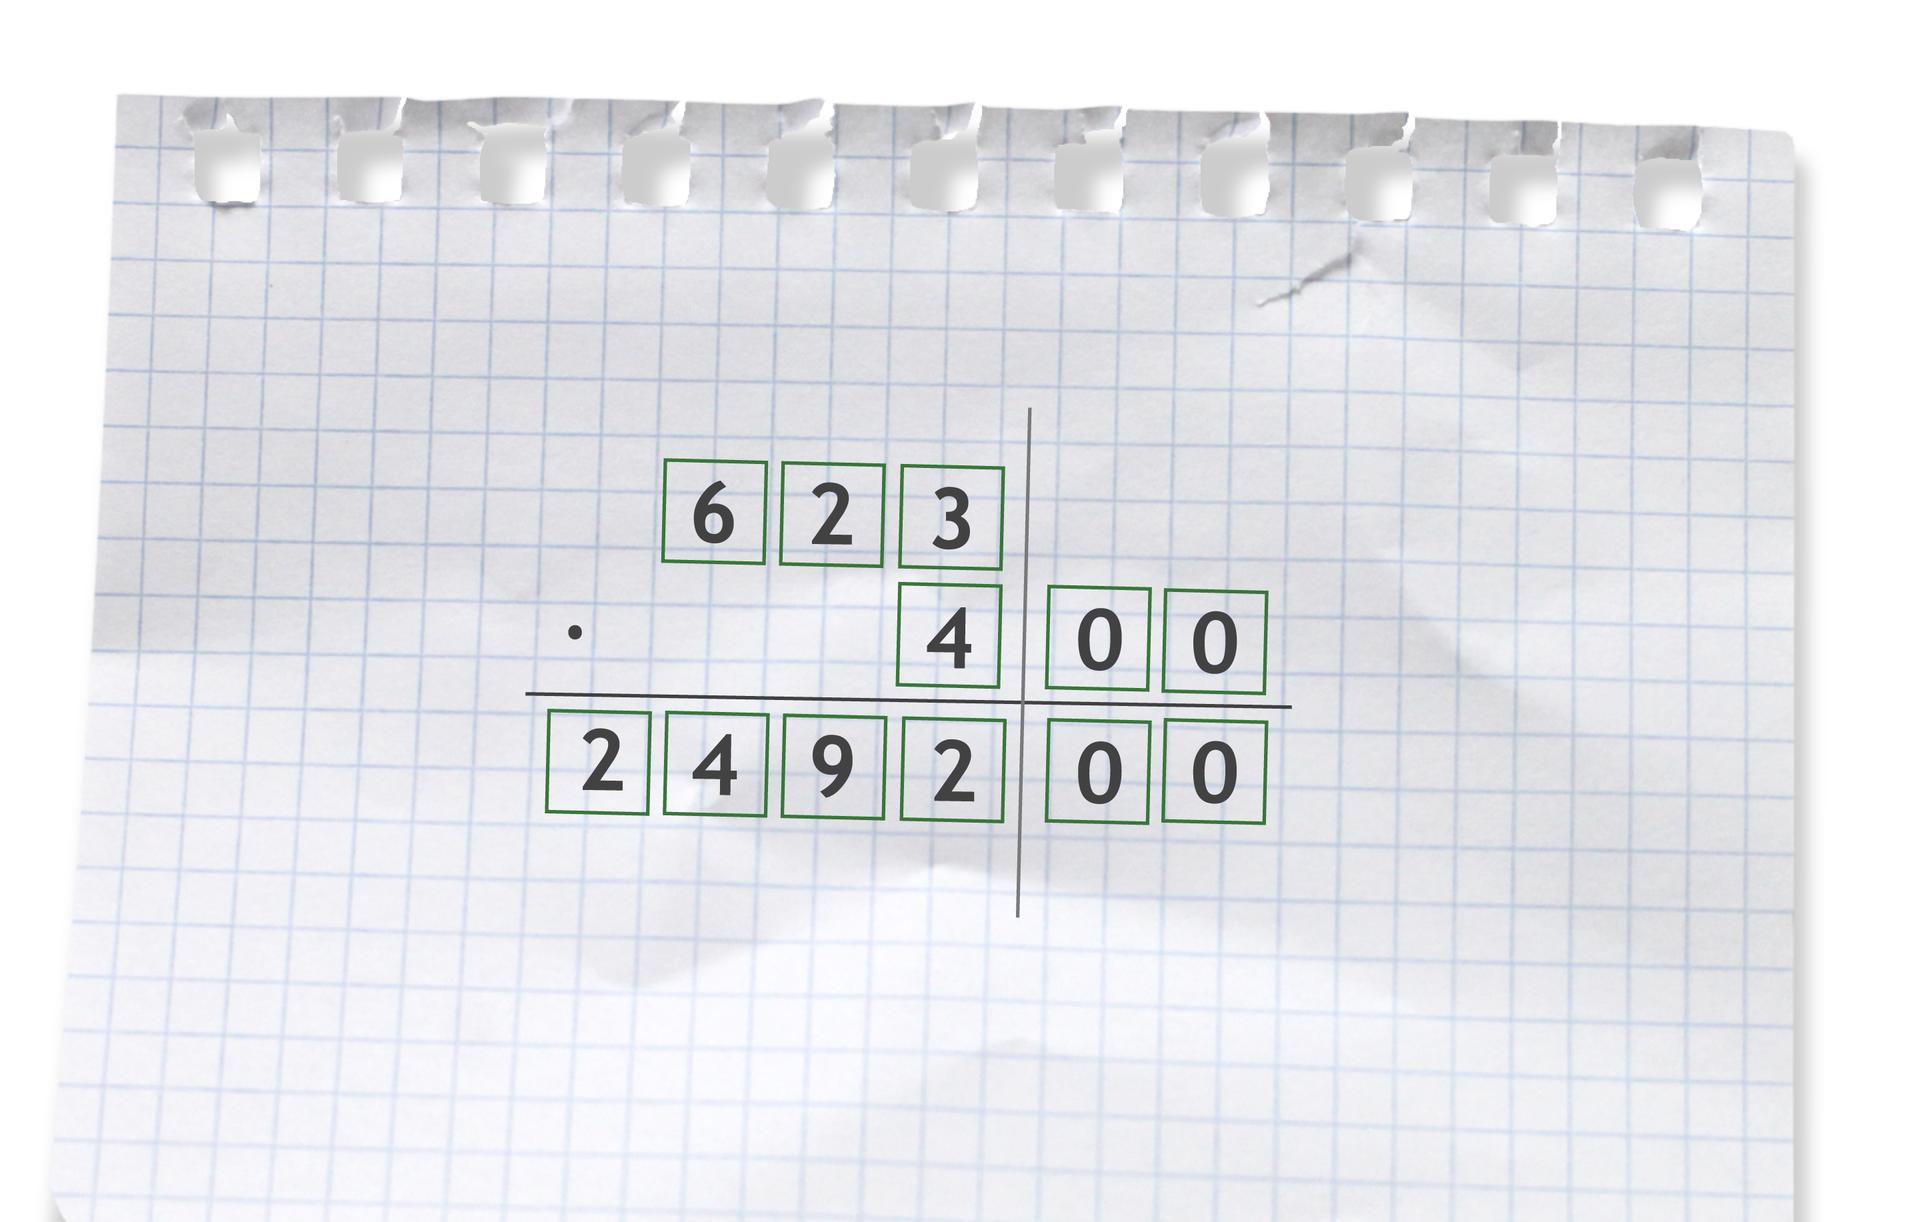 Przykład: 623 razy 400 =249200. Rozwiązanie zadania podpunkt c.